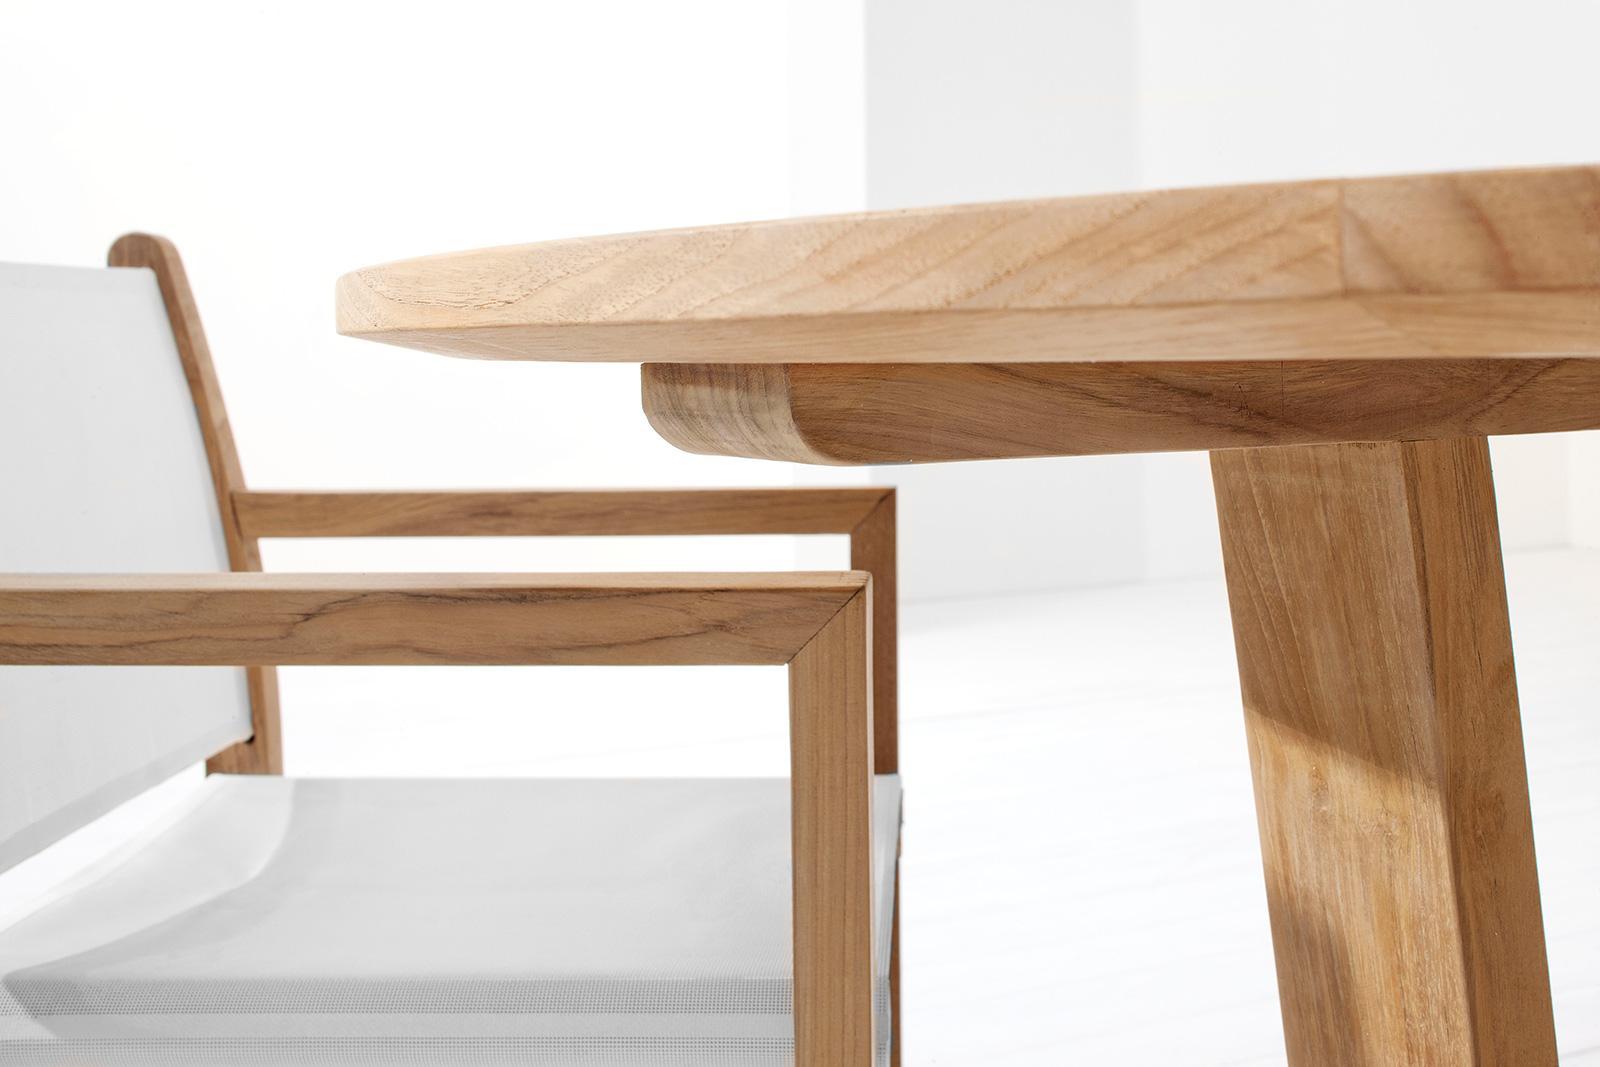 Sahara tavolo rotondo da esterno in teak italy dream design for Tavoli e sedie da esterno